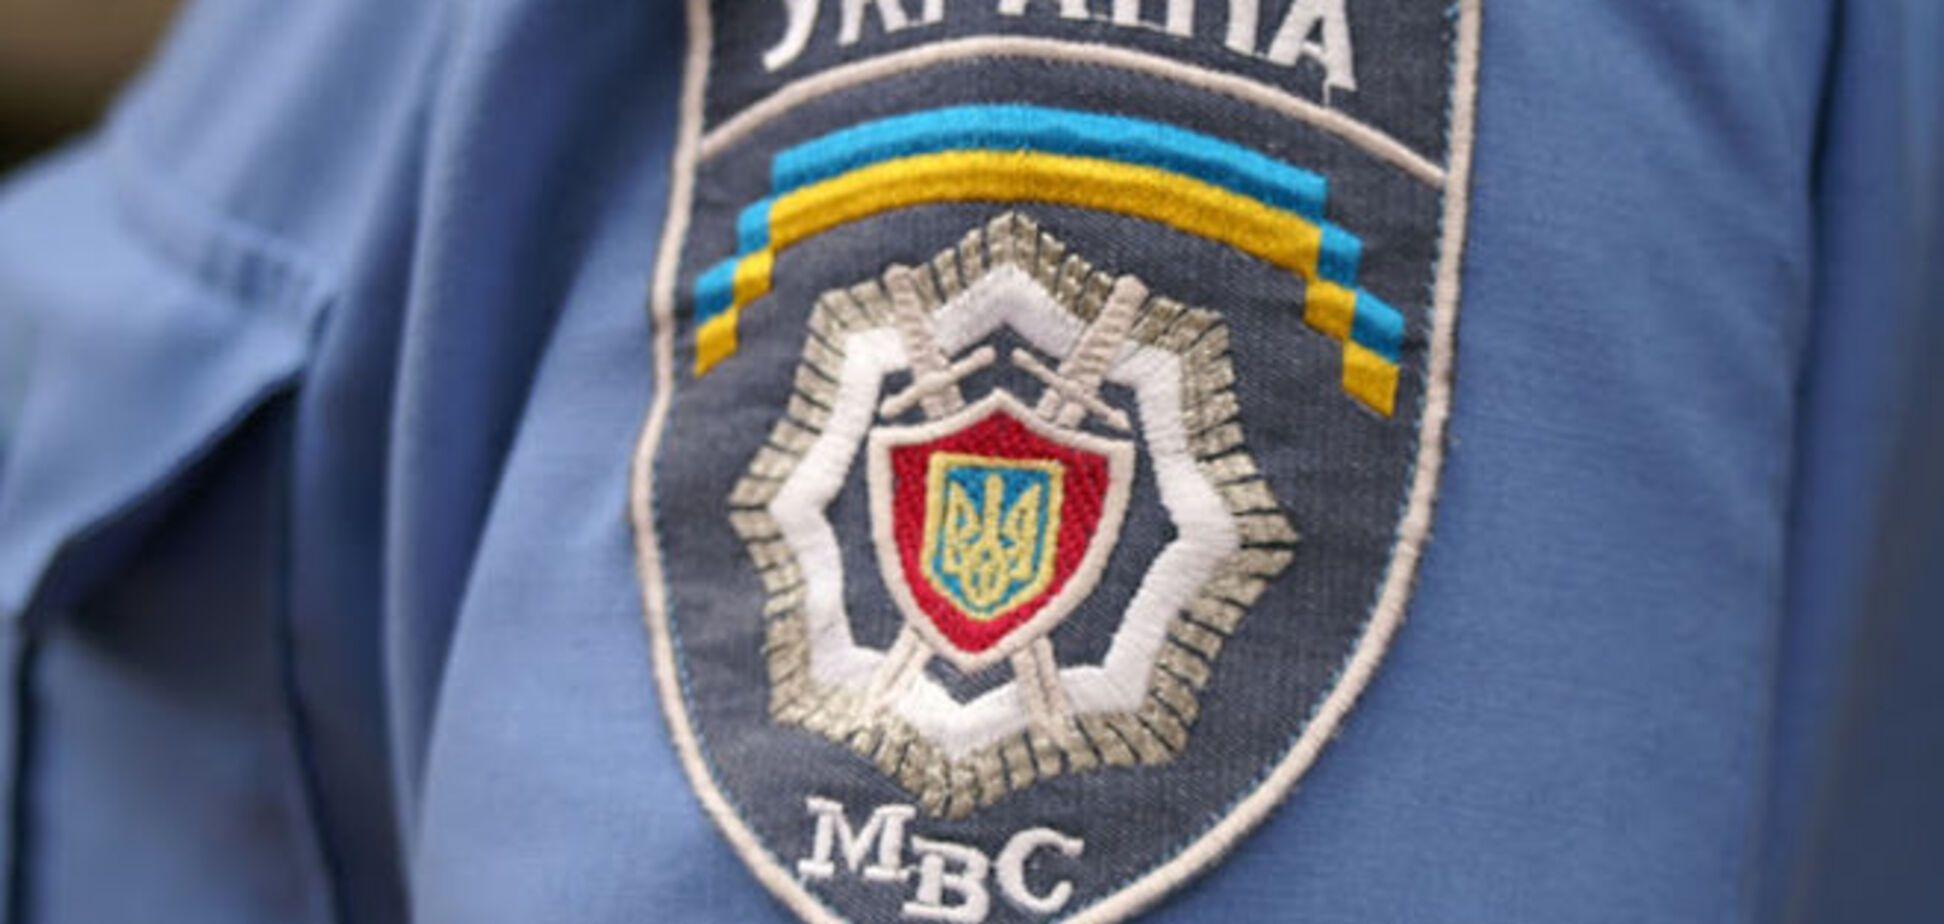 Завжди праві силовики і висока зарплата: якою буде поліція в Україні